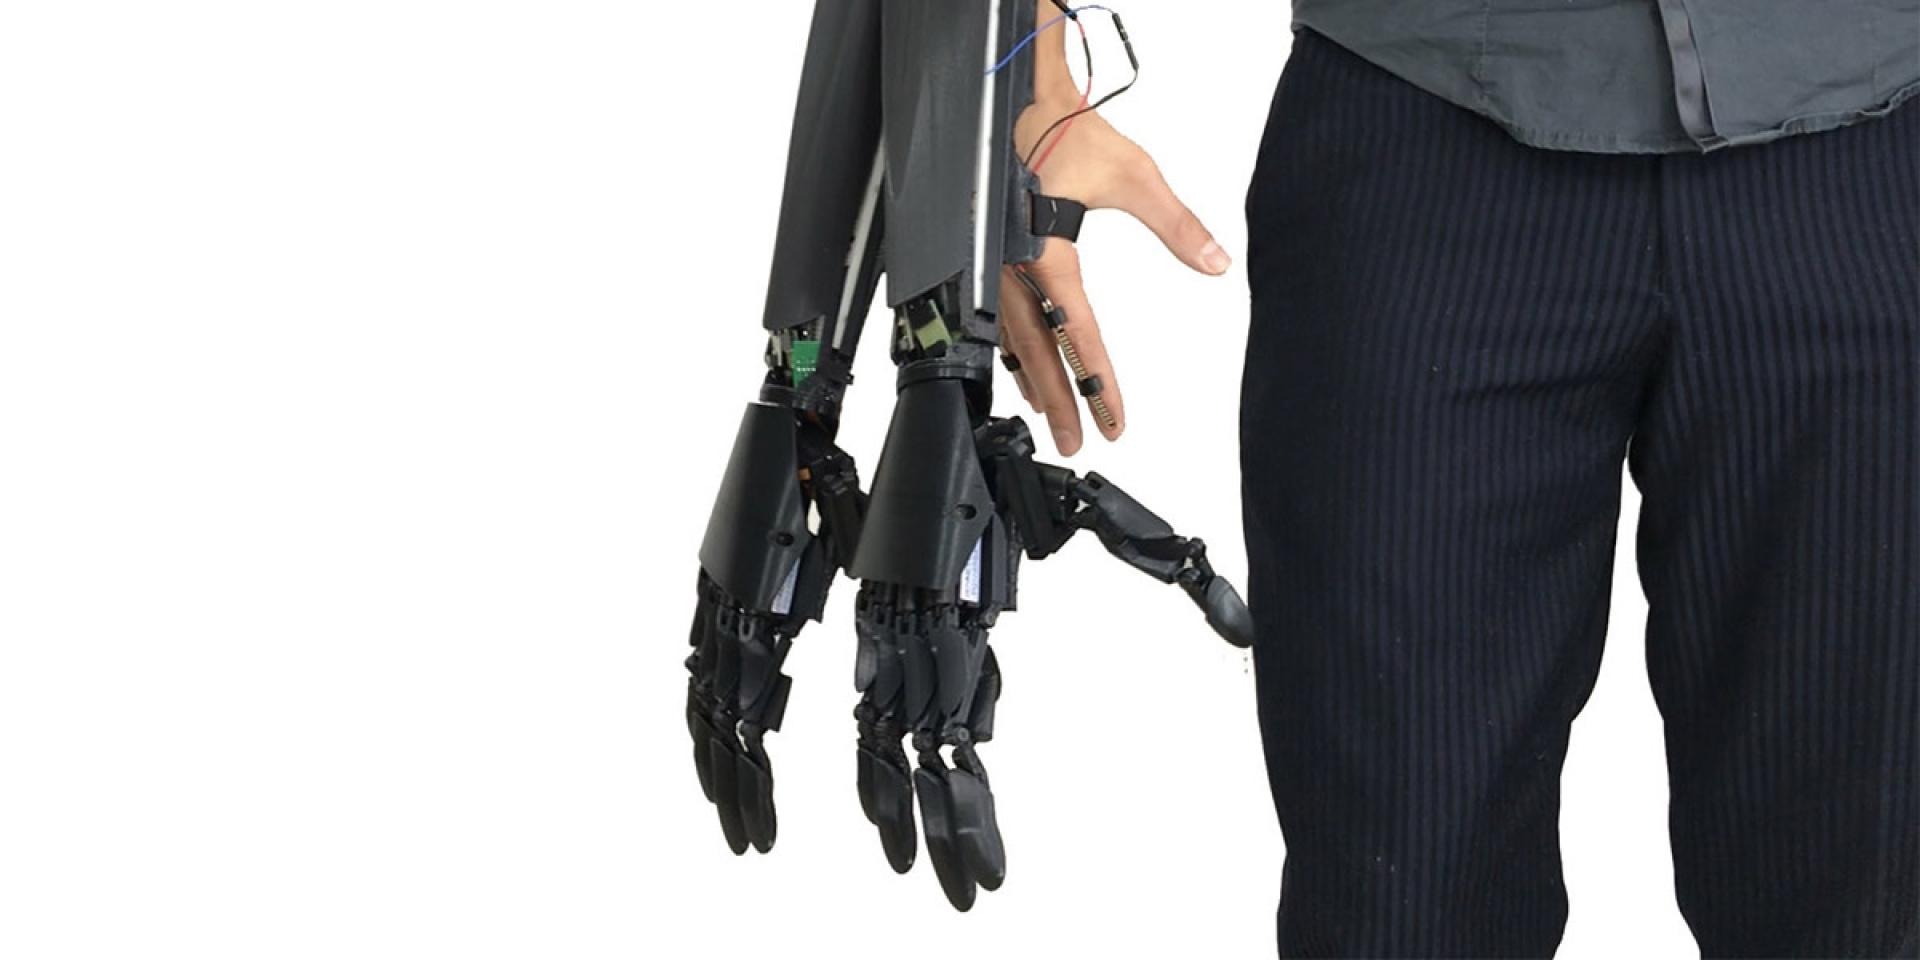 沒有三頭但有六臂,Youbionic多給你一雙手